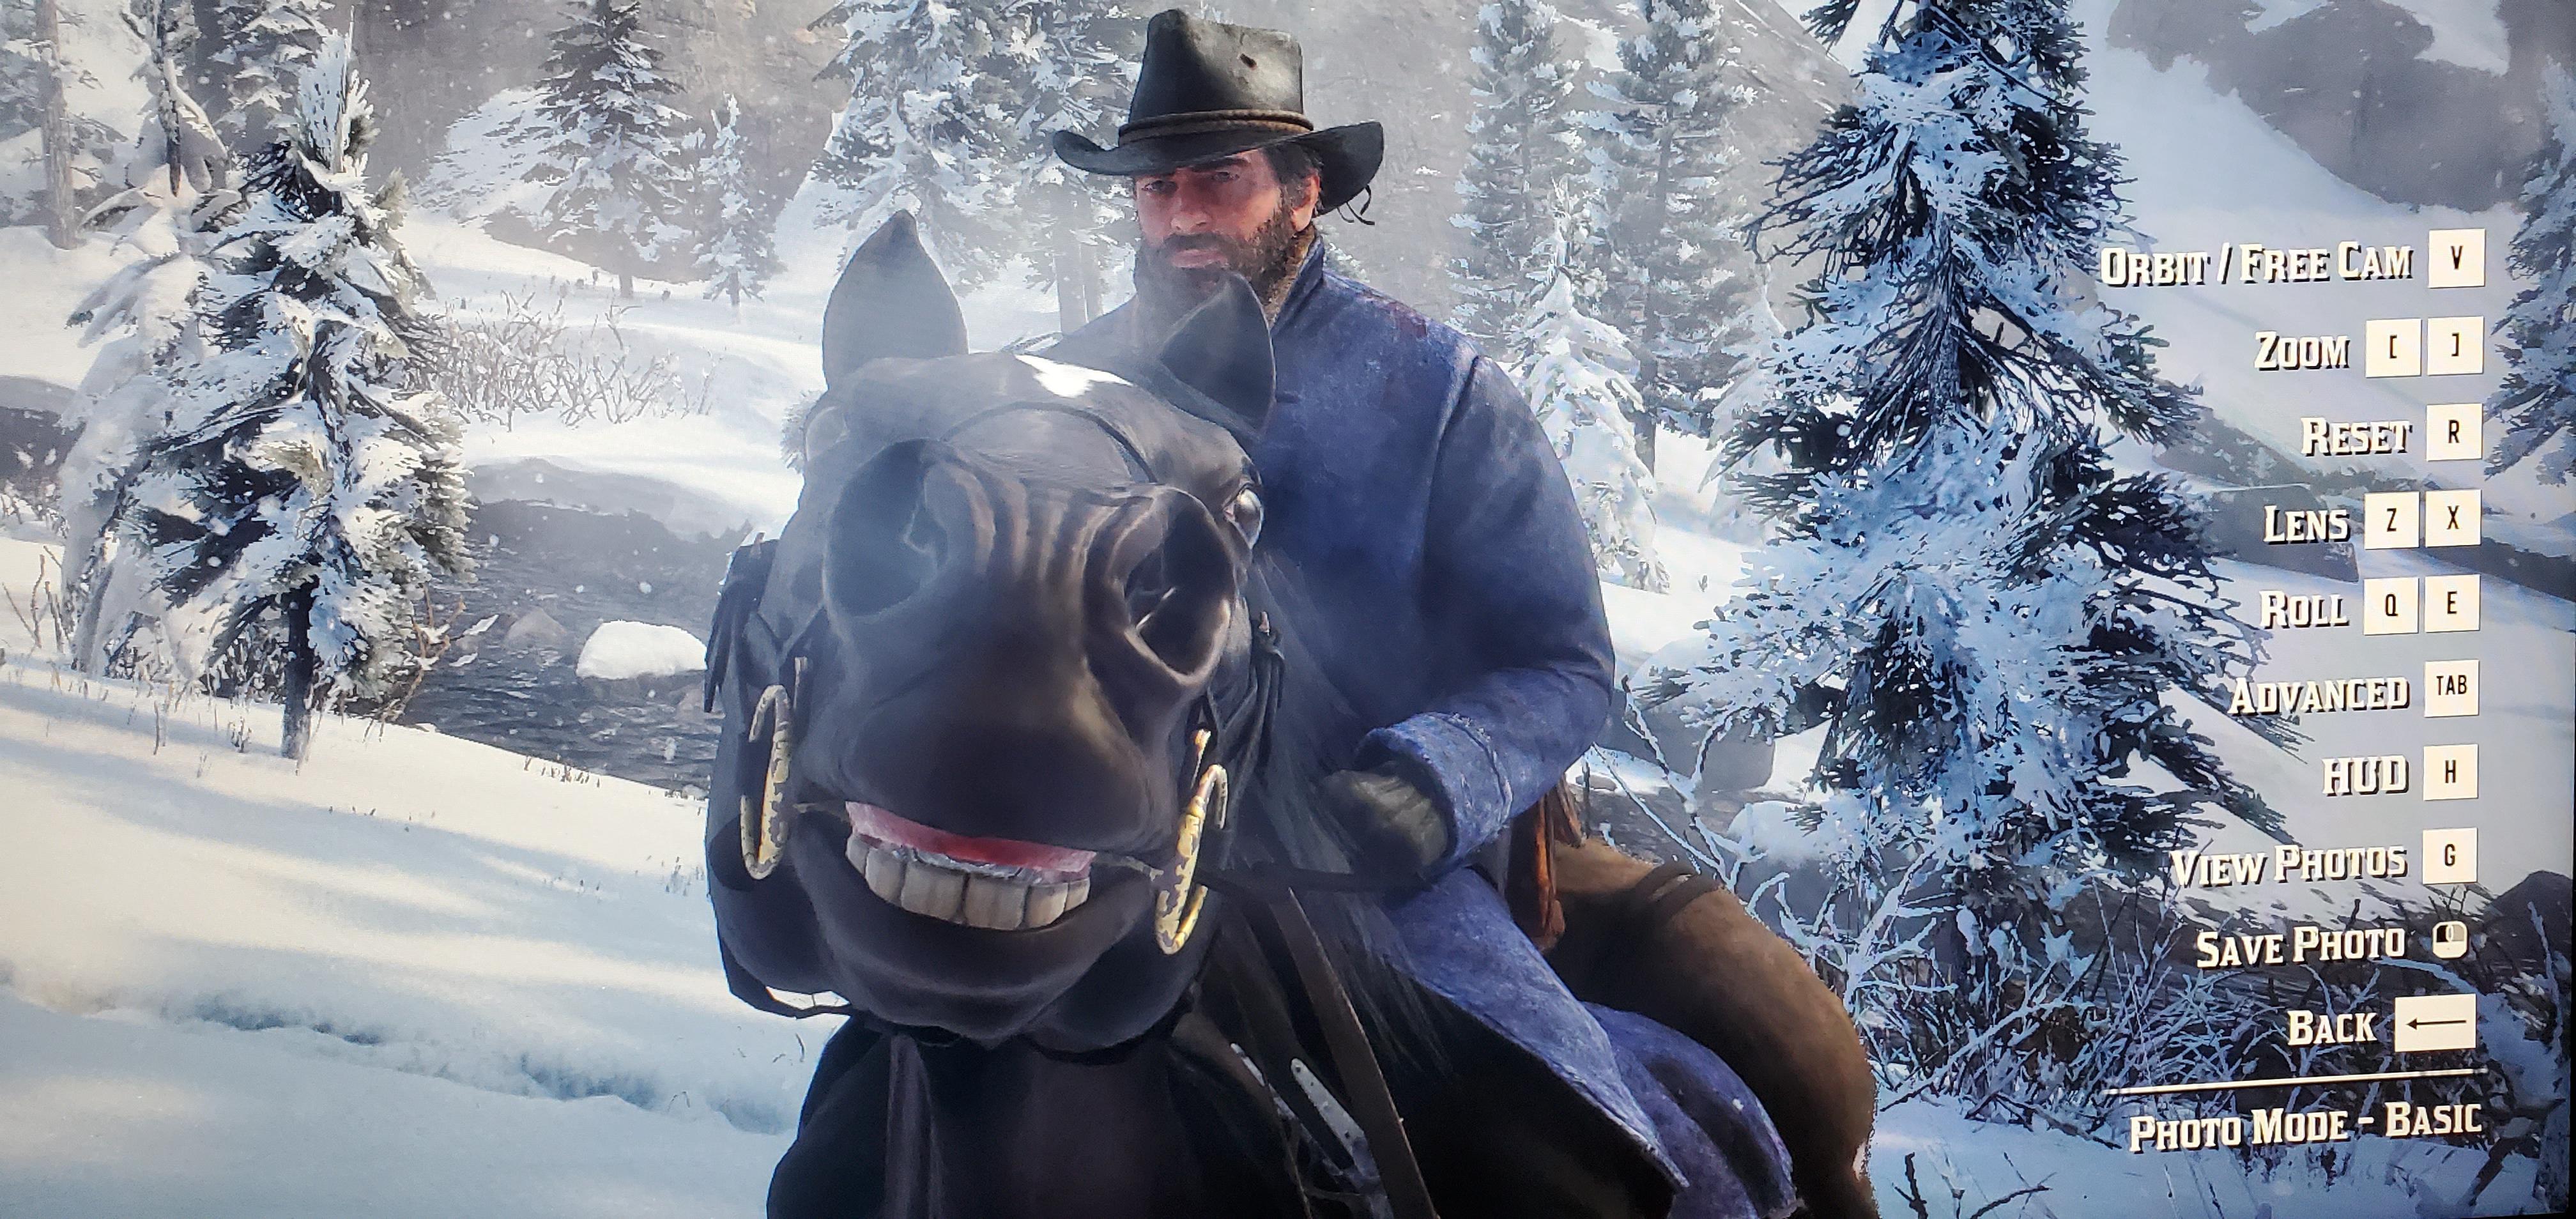 Neues Update bringt Pferde zu Red Dead Online, die schräg und außer Kontrolle sind